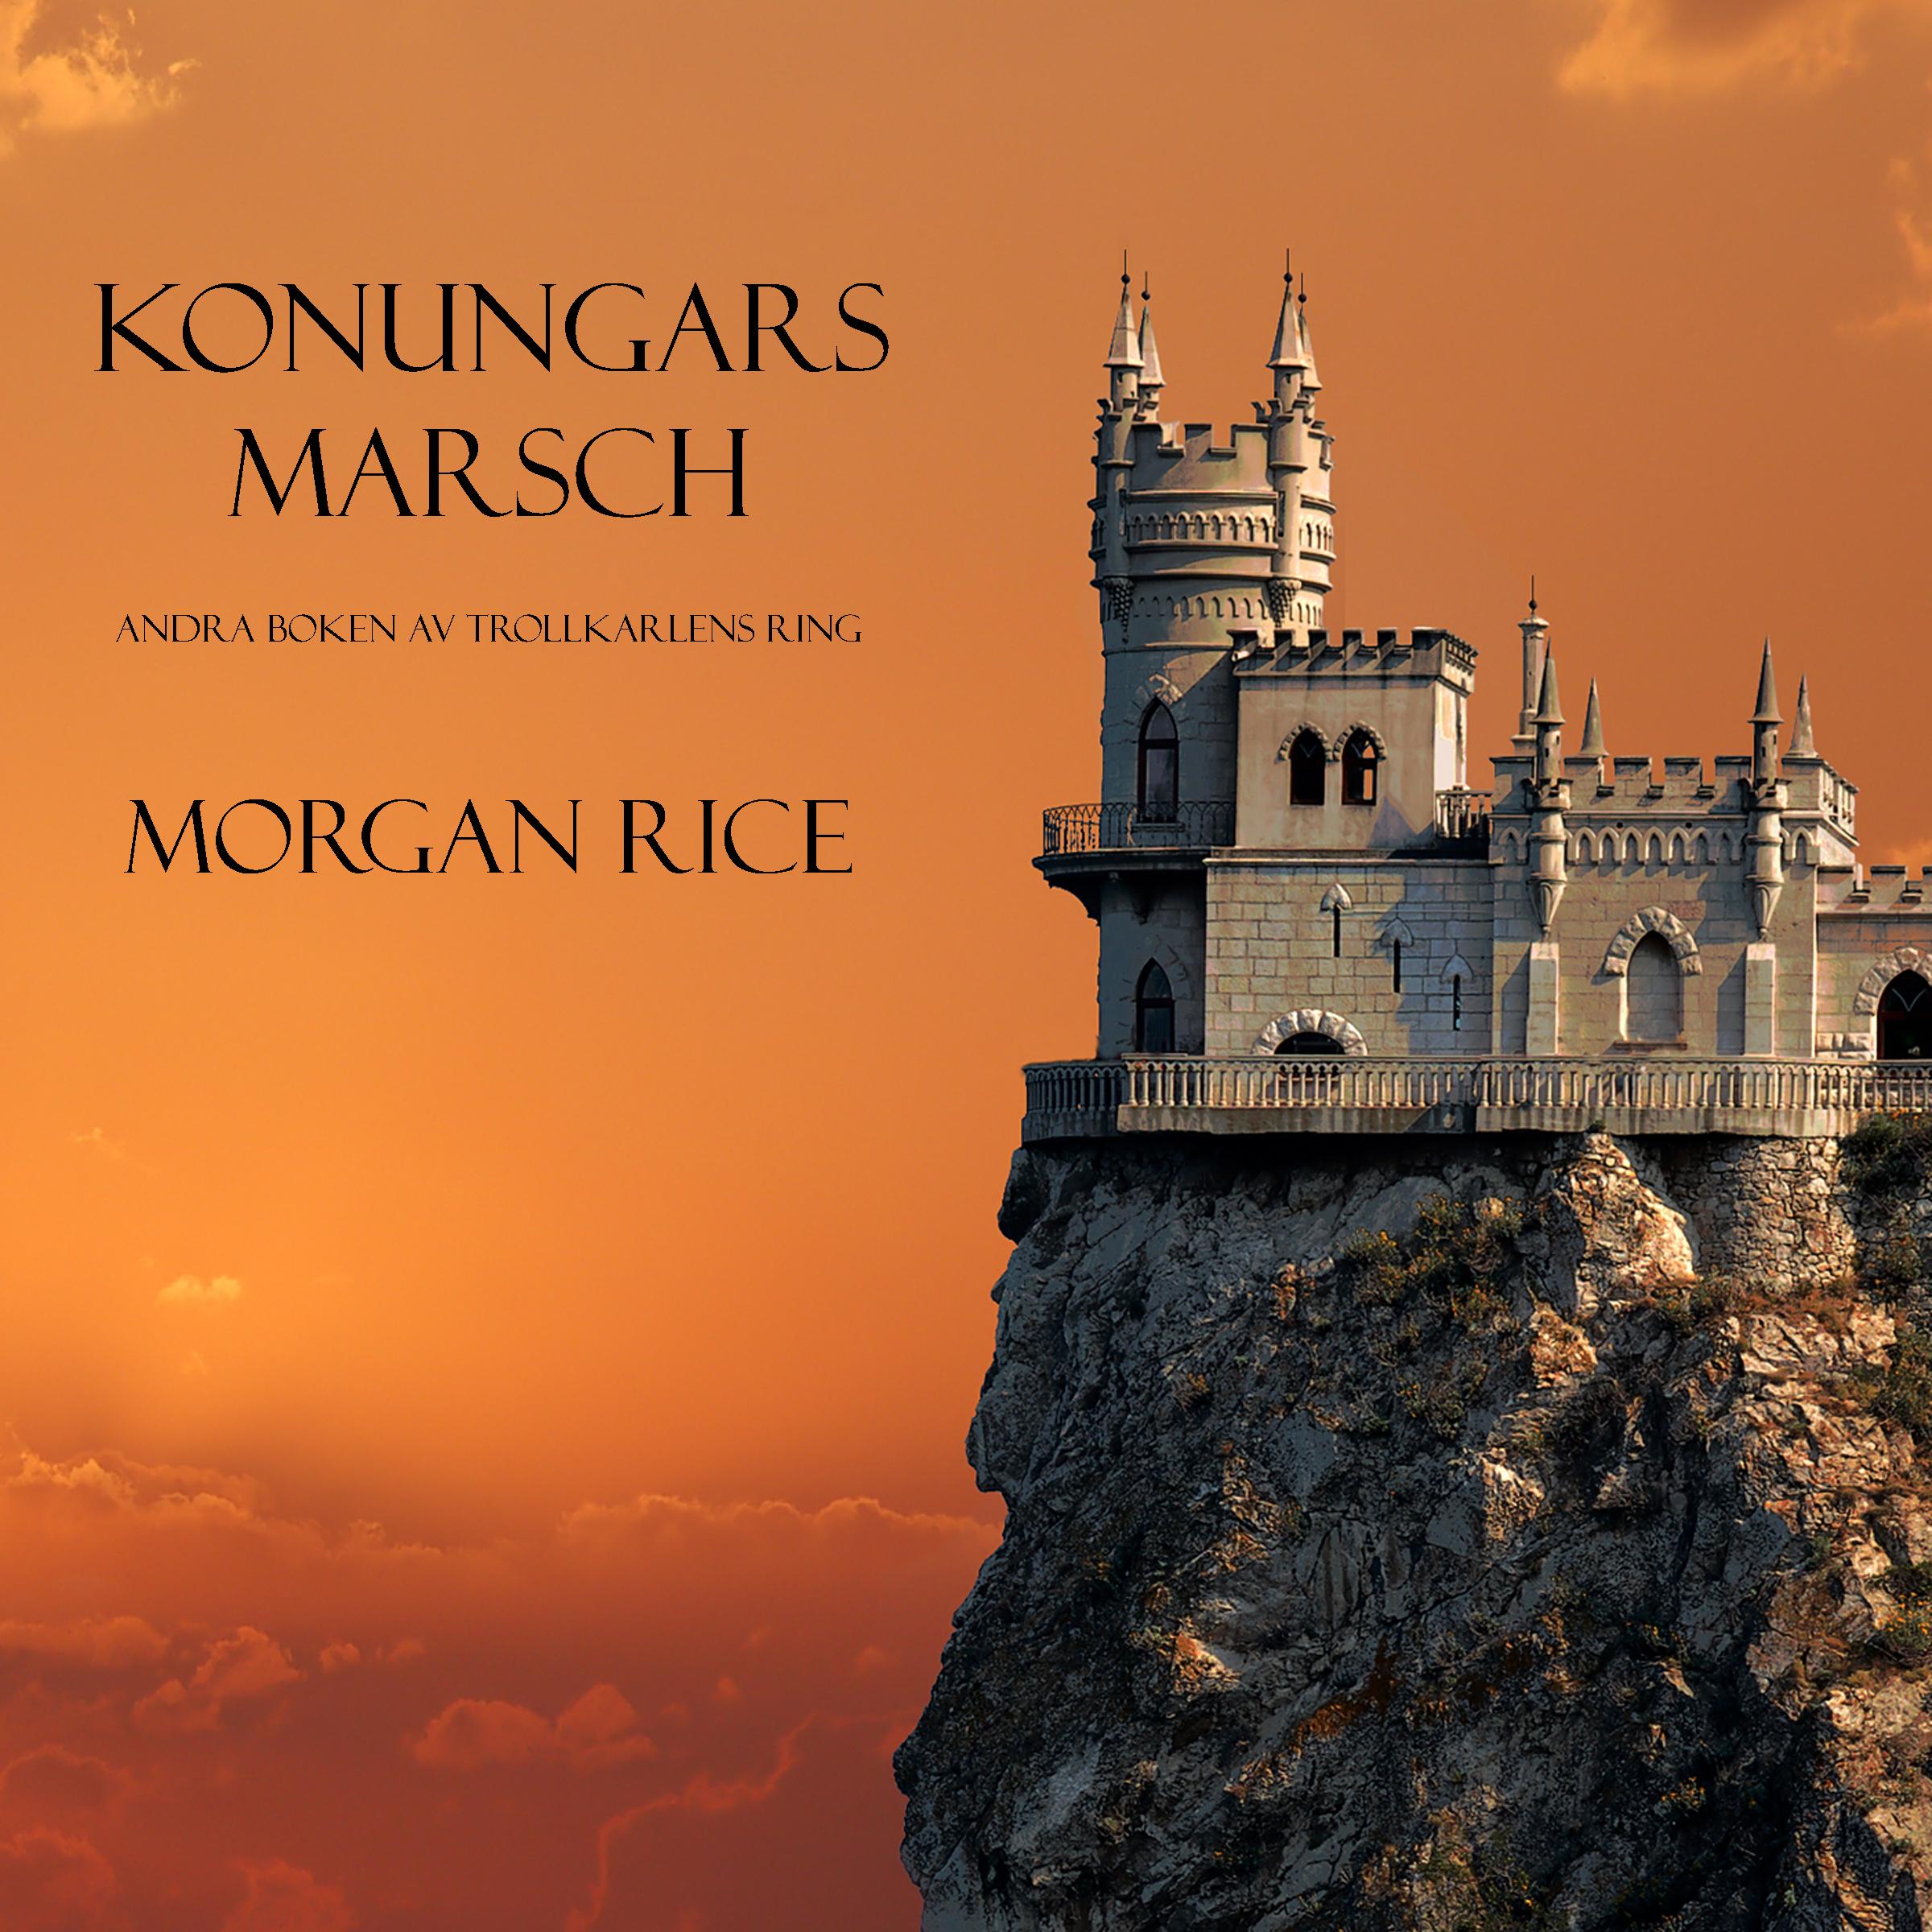 Морган Райс Konungars Marsch karl ljungstedt eddan om och ur de fornnordiska guda och hjaltesangerna en popular framstalling swedish edition